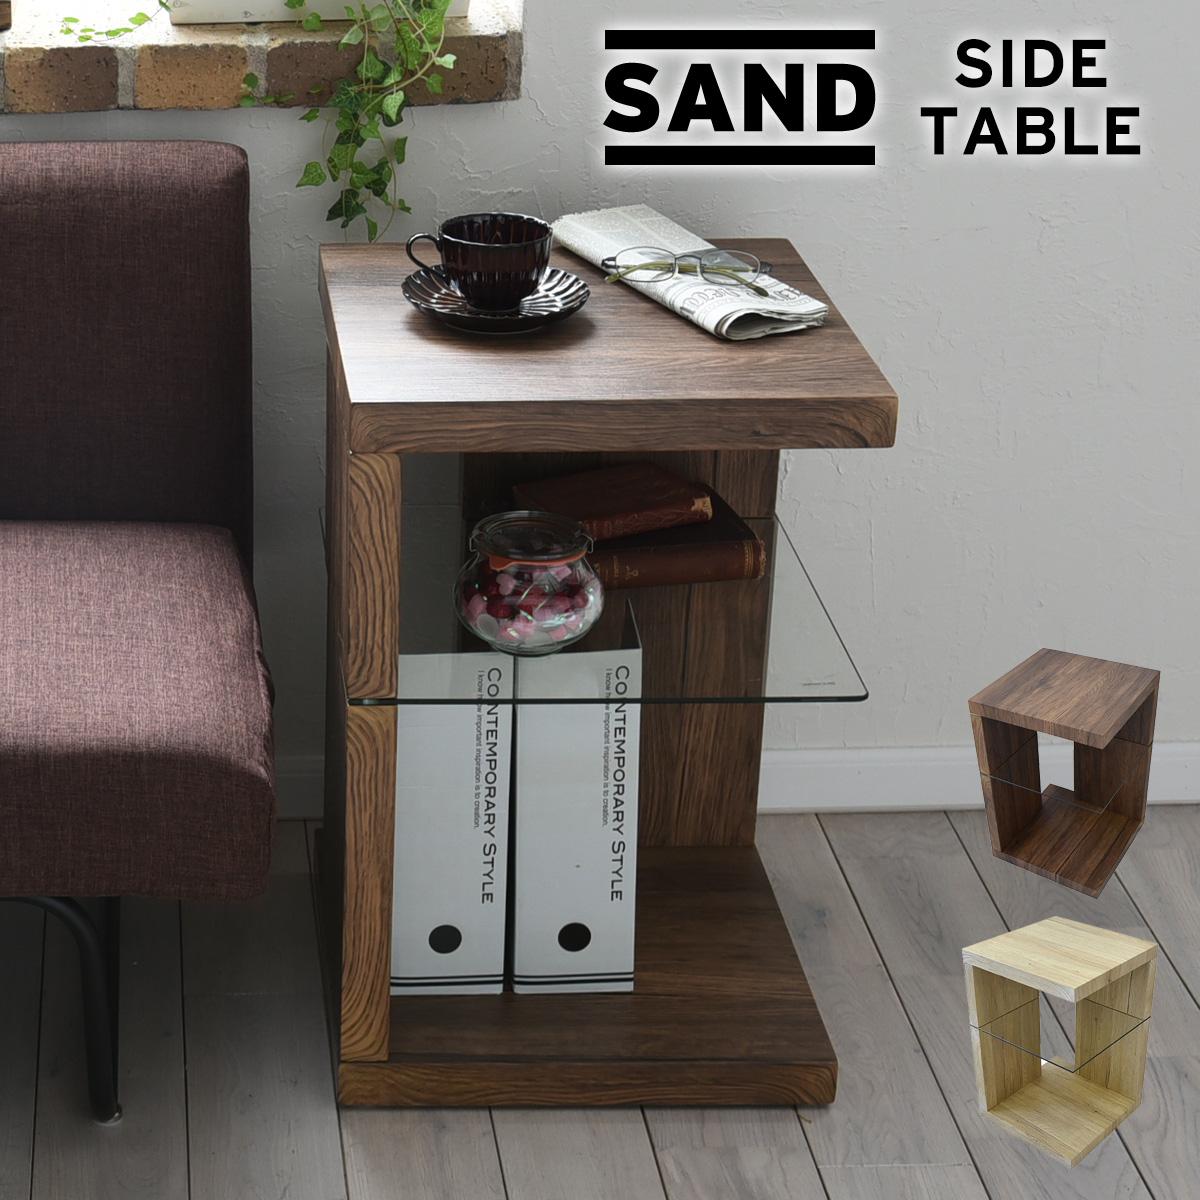 サイドテーブル リビングテーブル リビング 机 カフェ デザイナー 収納 モダン 北欧 ガラス 強化 居間 四角 幅39 古材風 ヴィンテージ